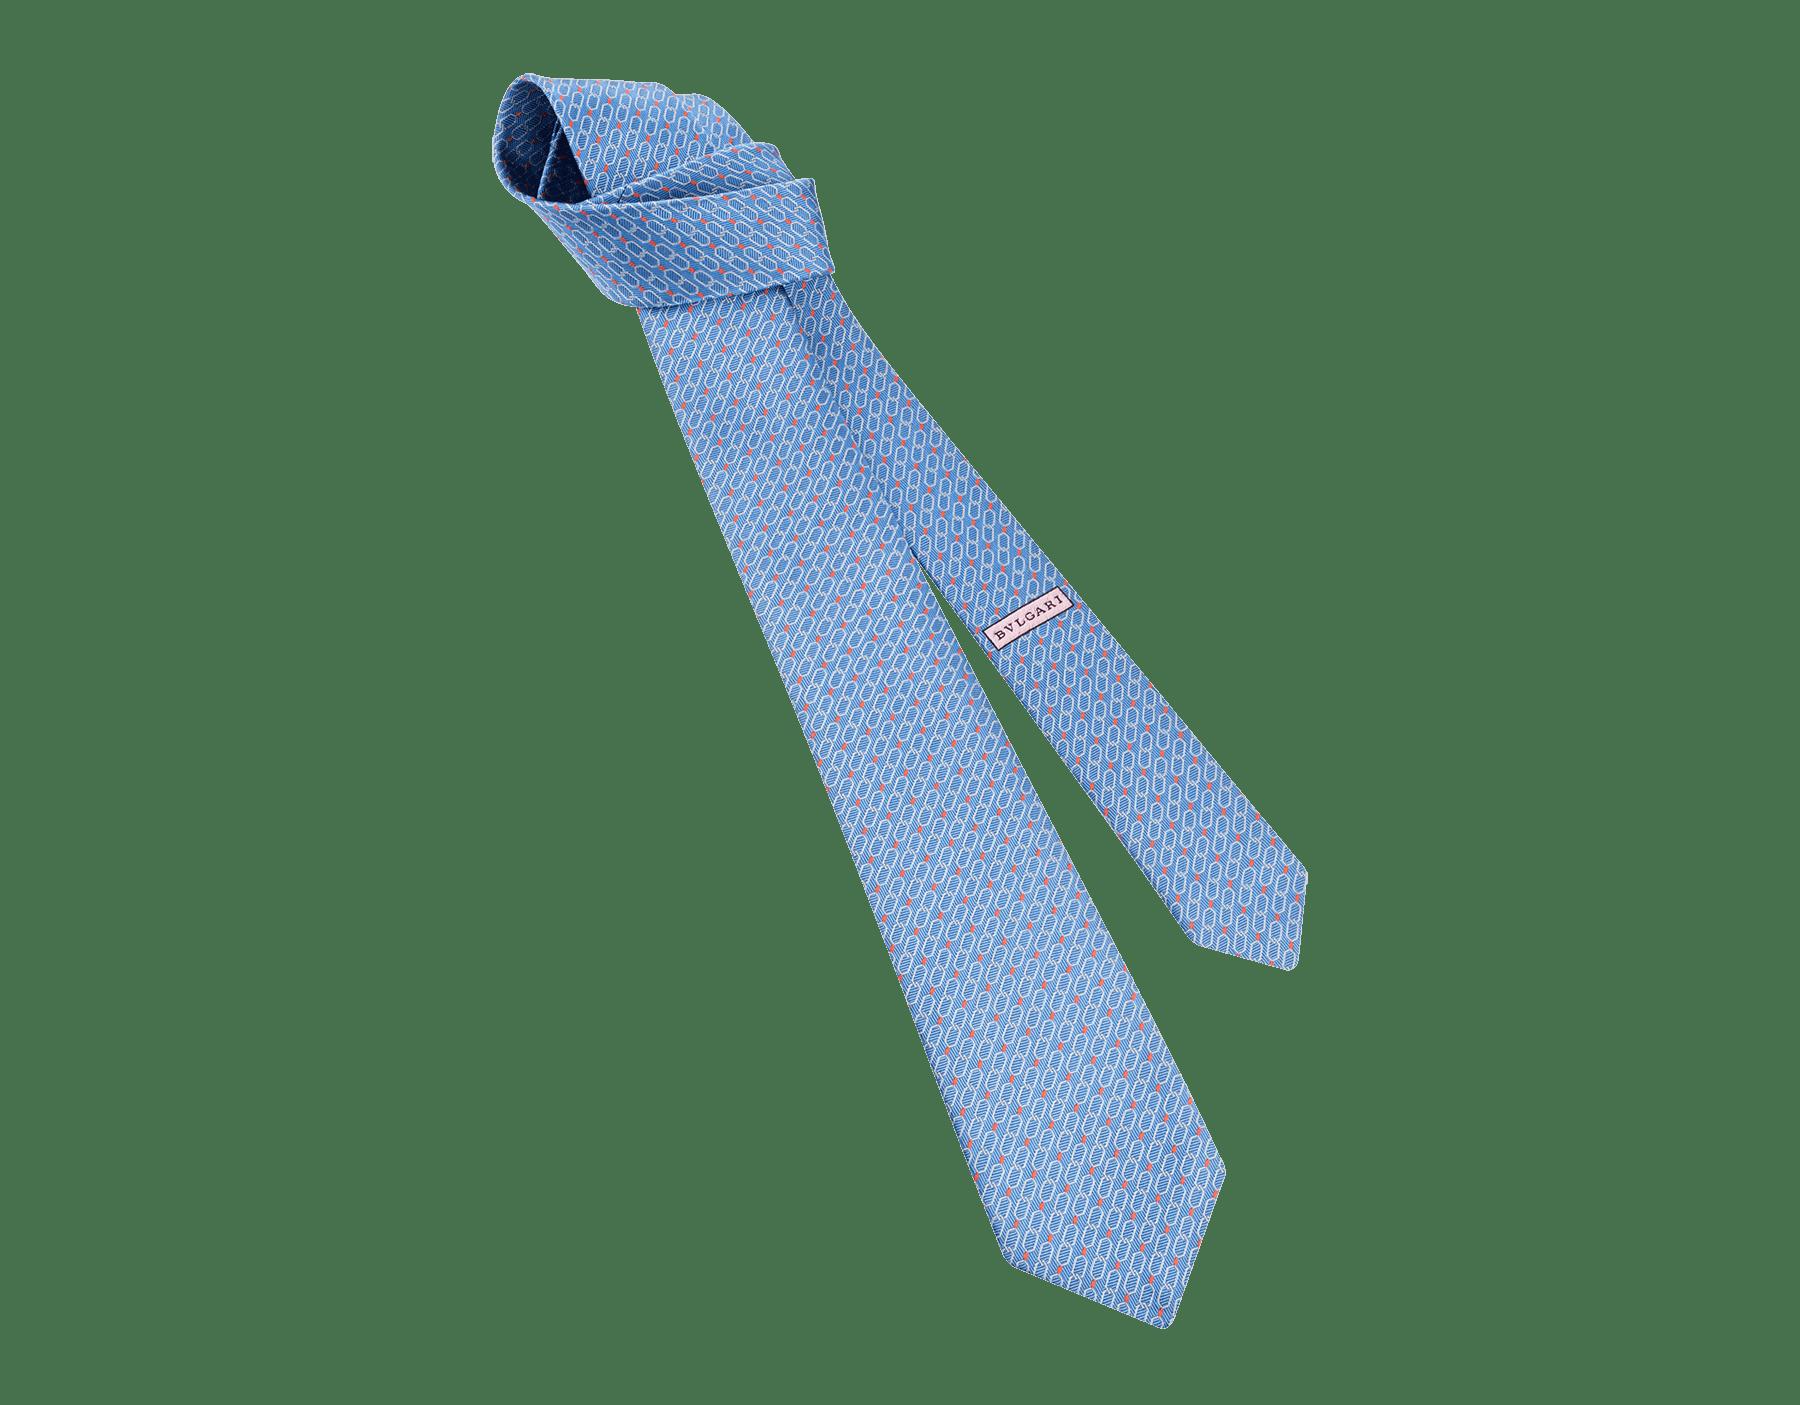 Cravate sept plis Snake Link bleu clair en jacquard de soie fine. 244173 image 1